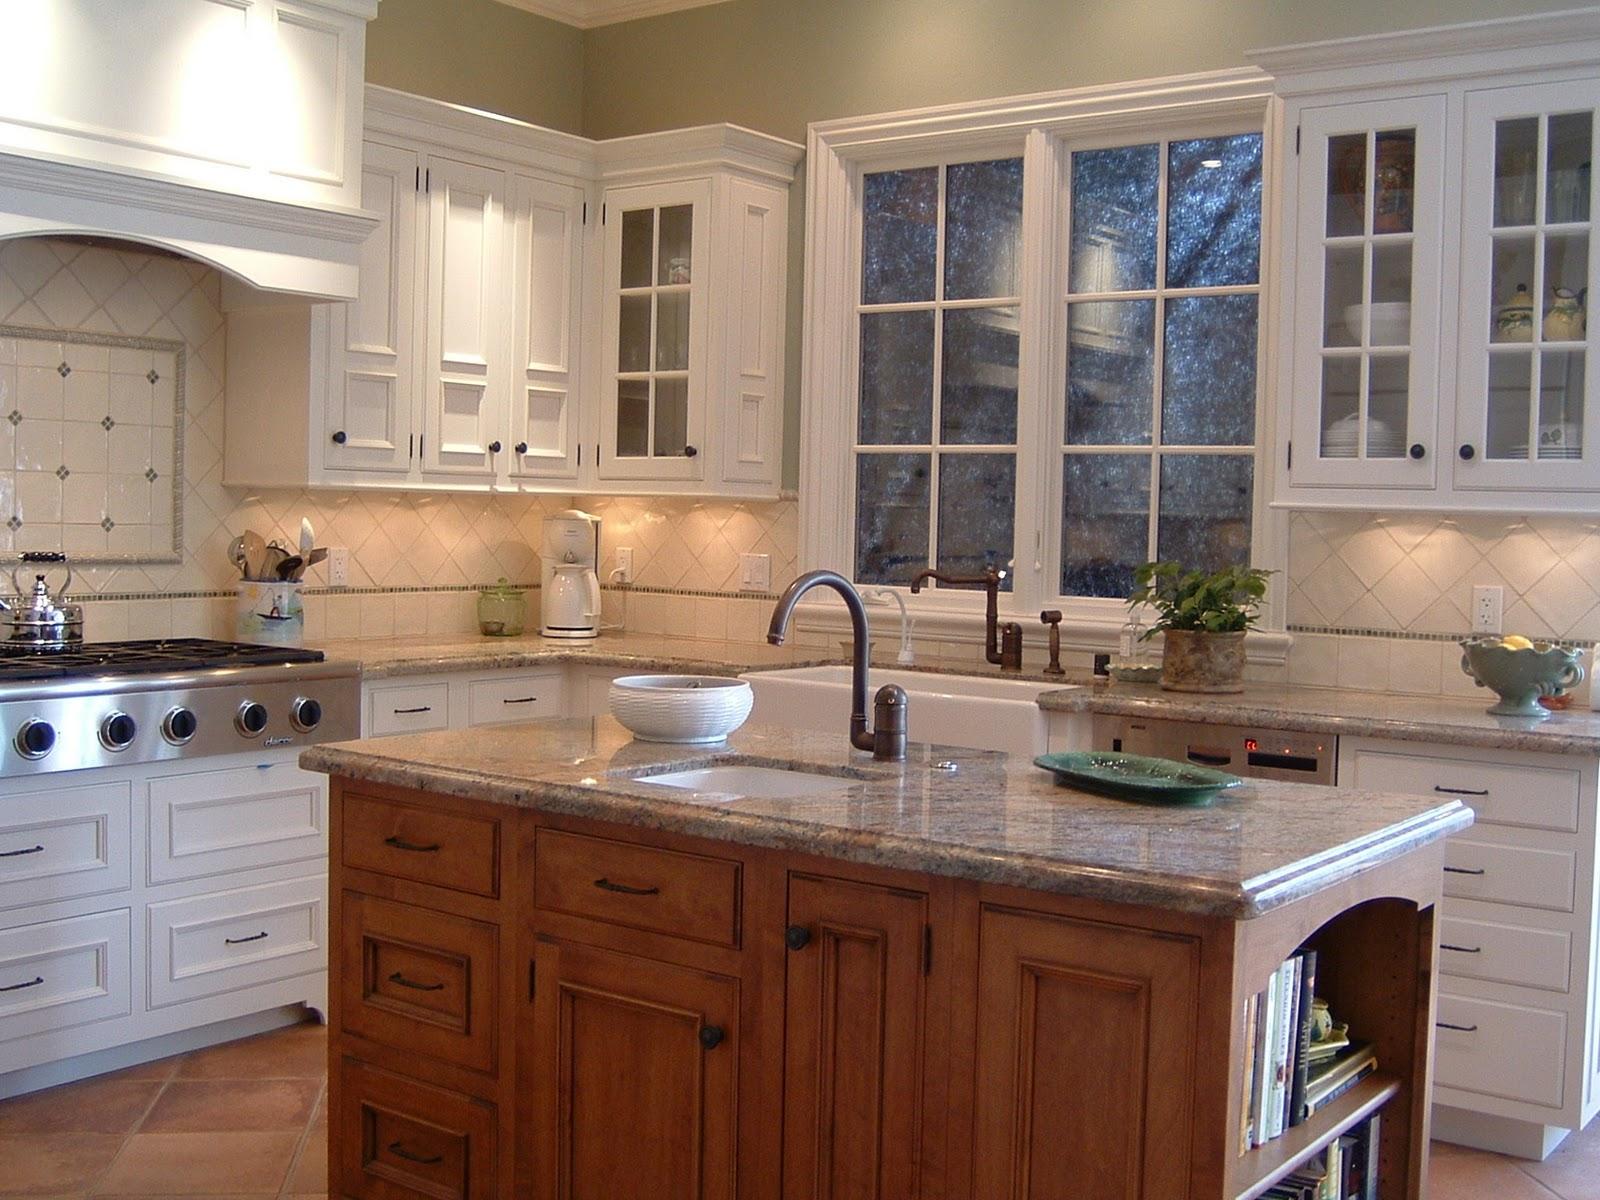 C&D Kitchen Designs